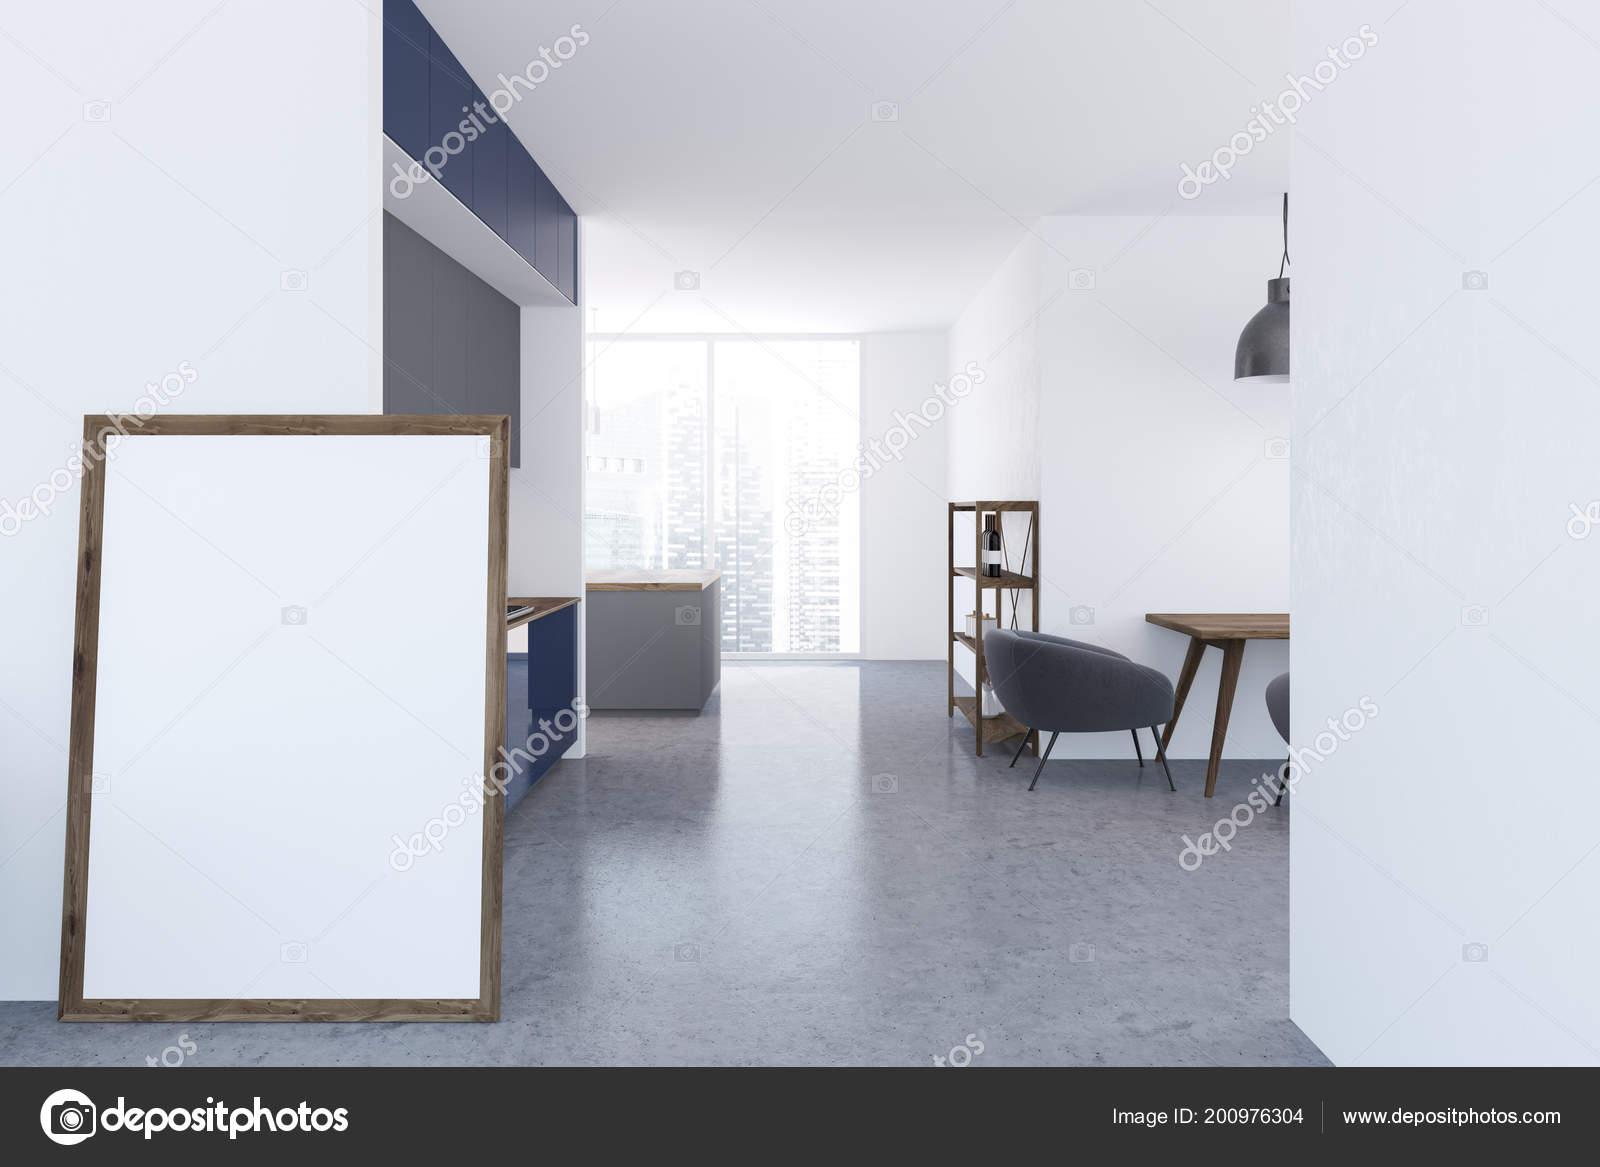 Weisse Wohnzimmer Und Kuche Interieur Mit Grauer Fussboden Und Ein